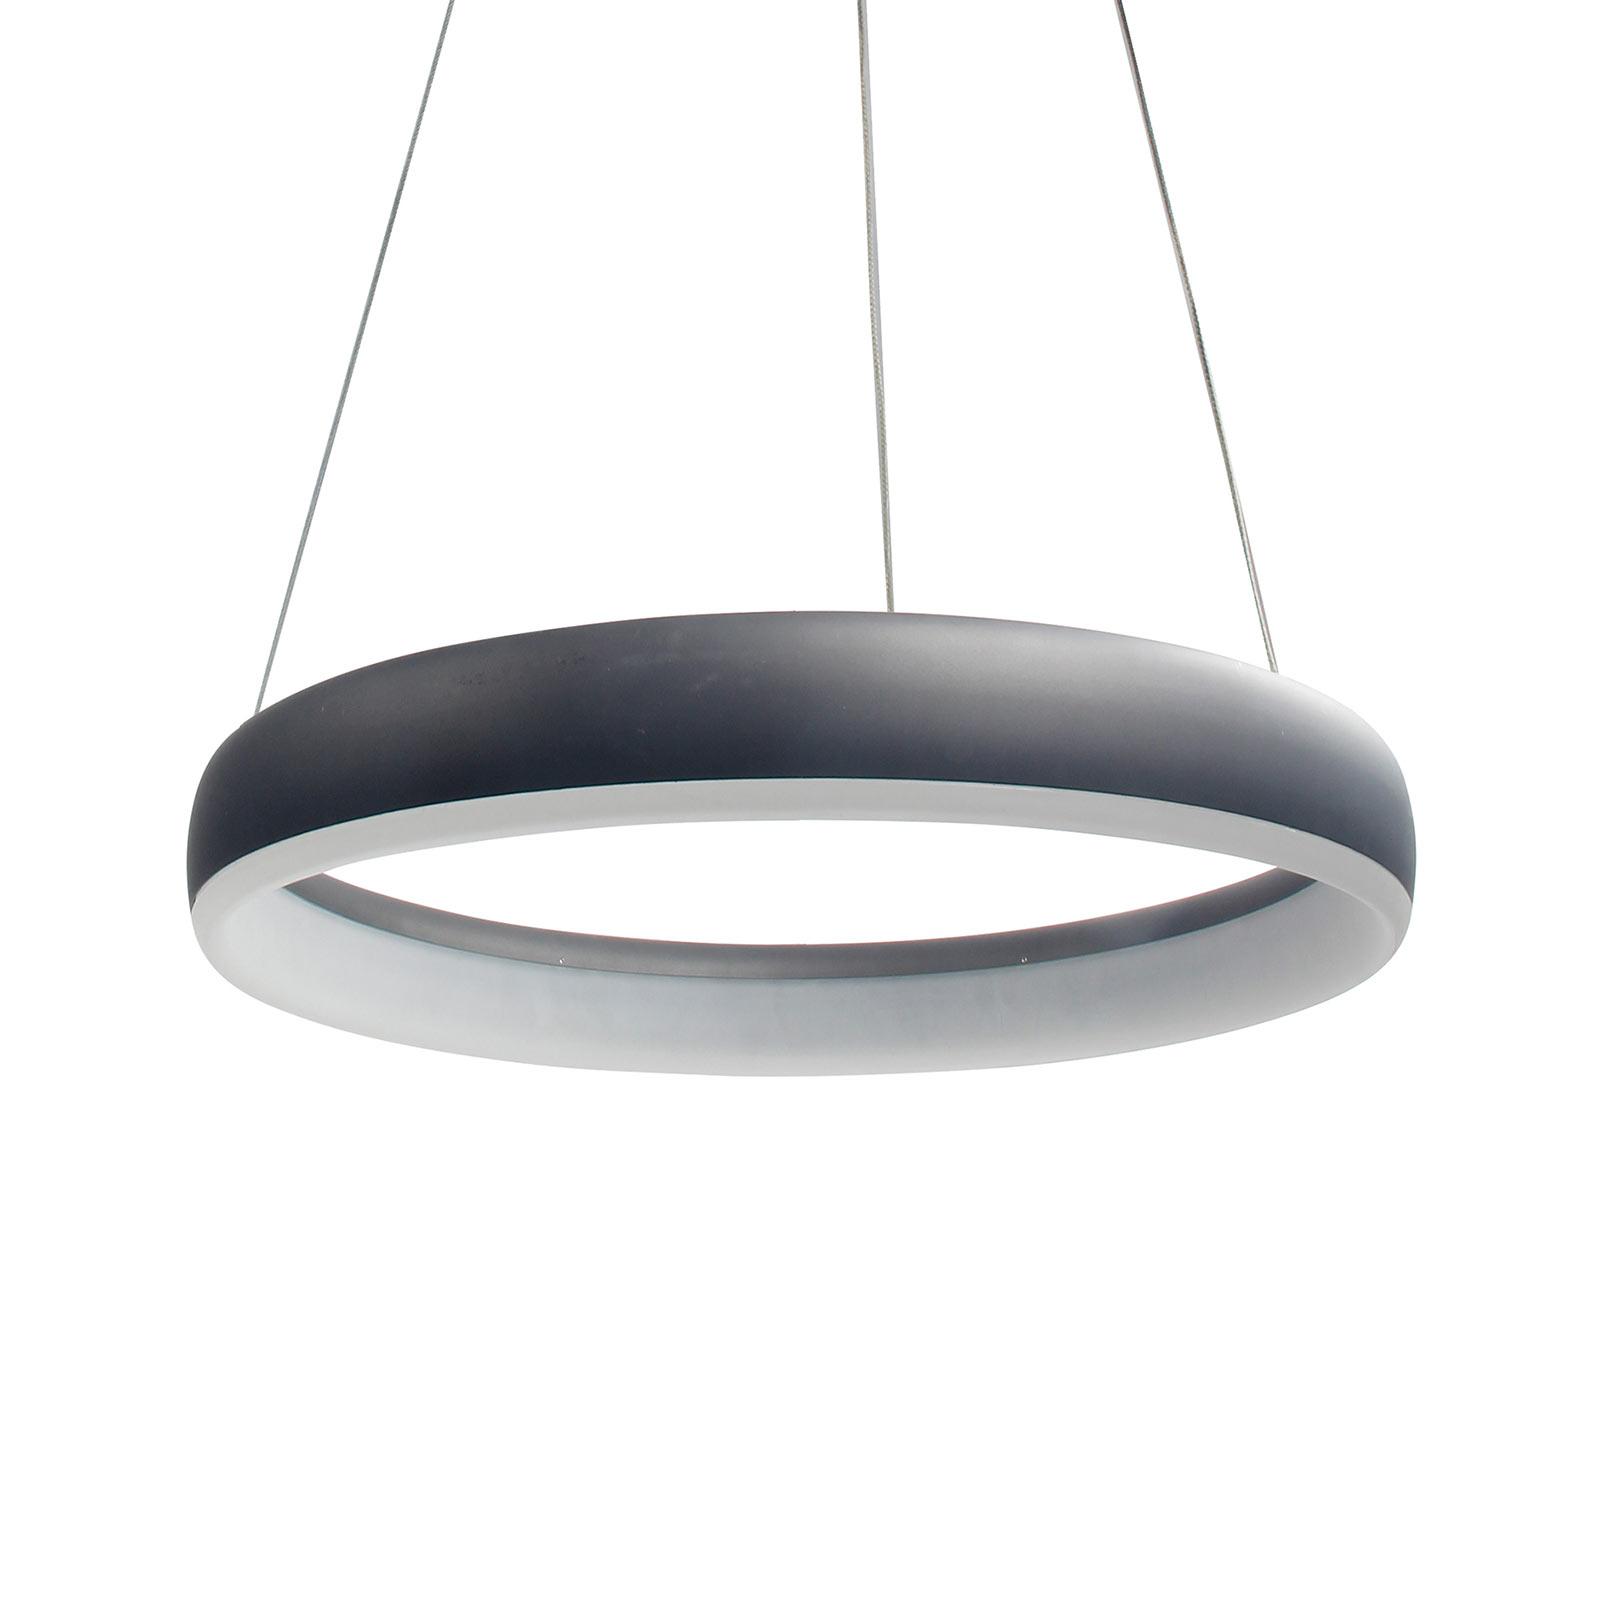 WiZ Clint LED-hængelampe, sort, Ø 40 cm